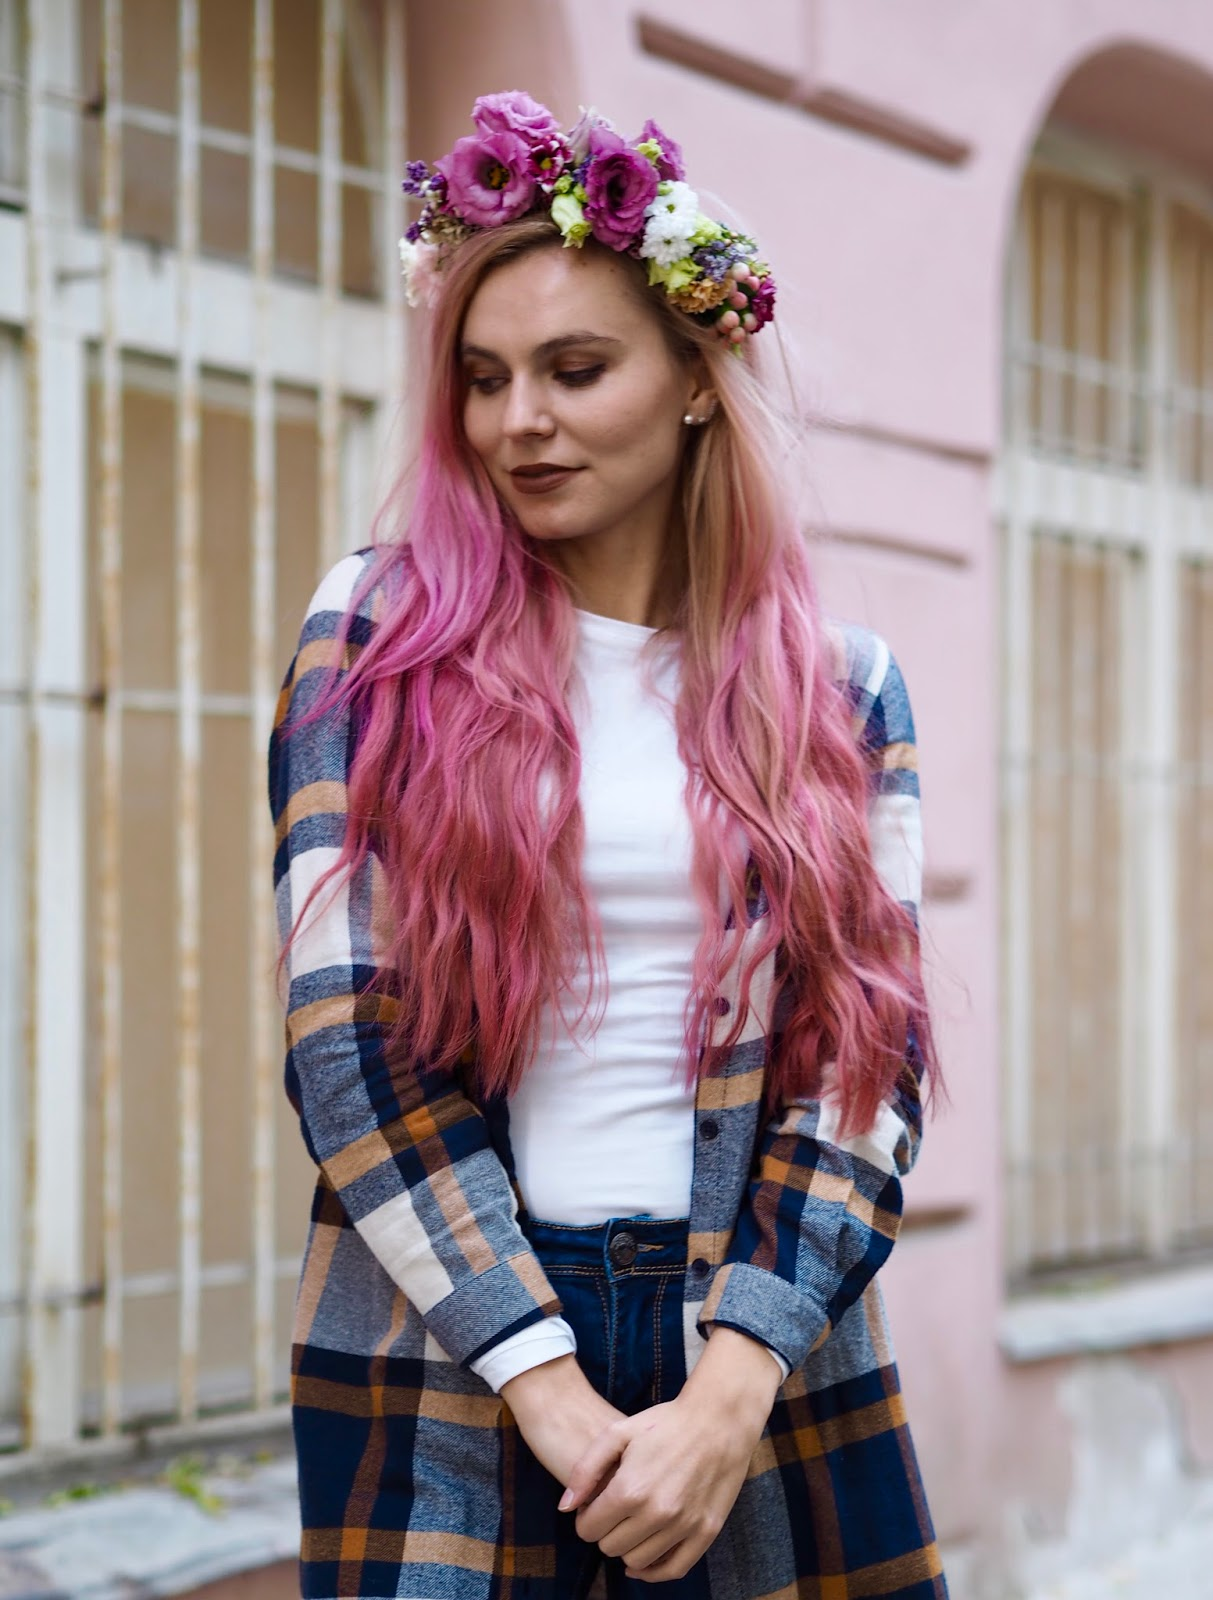 ružové vlasy a kvetová čelenka